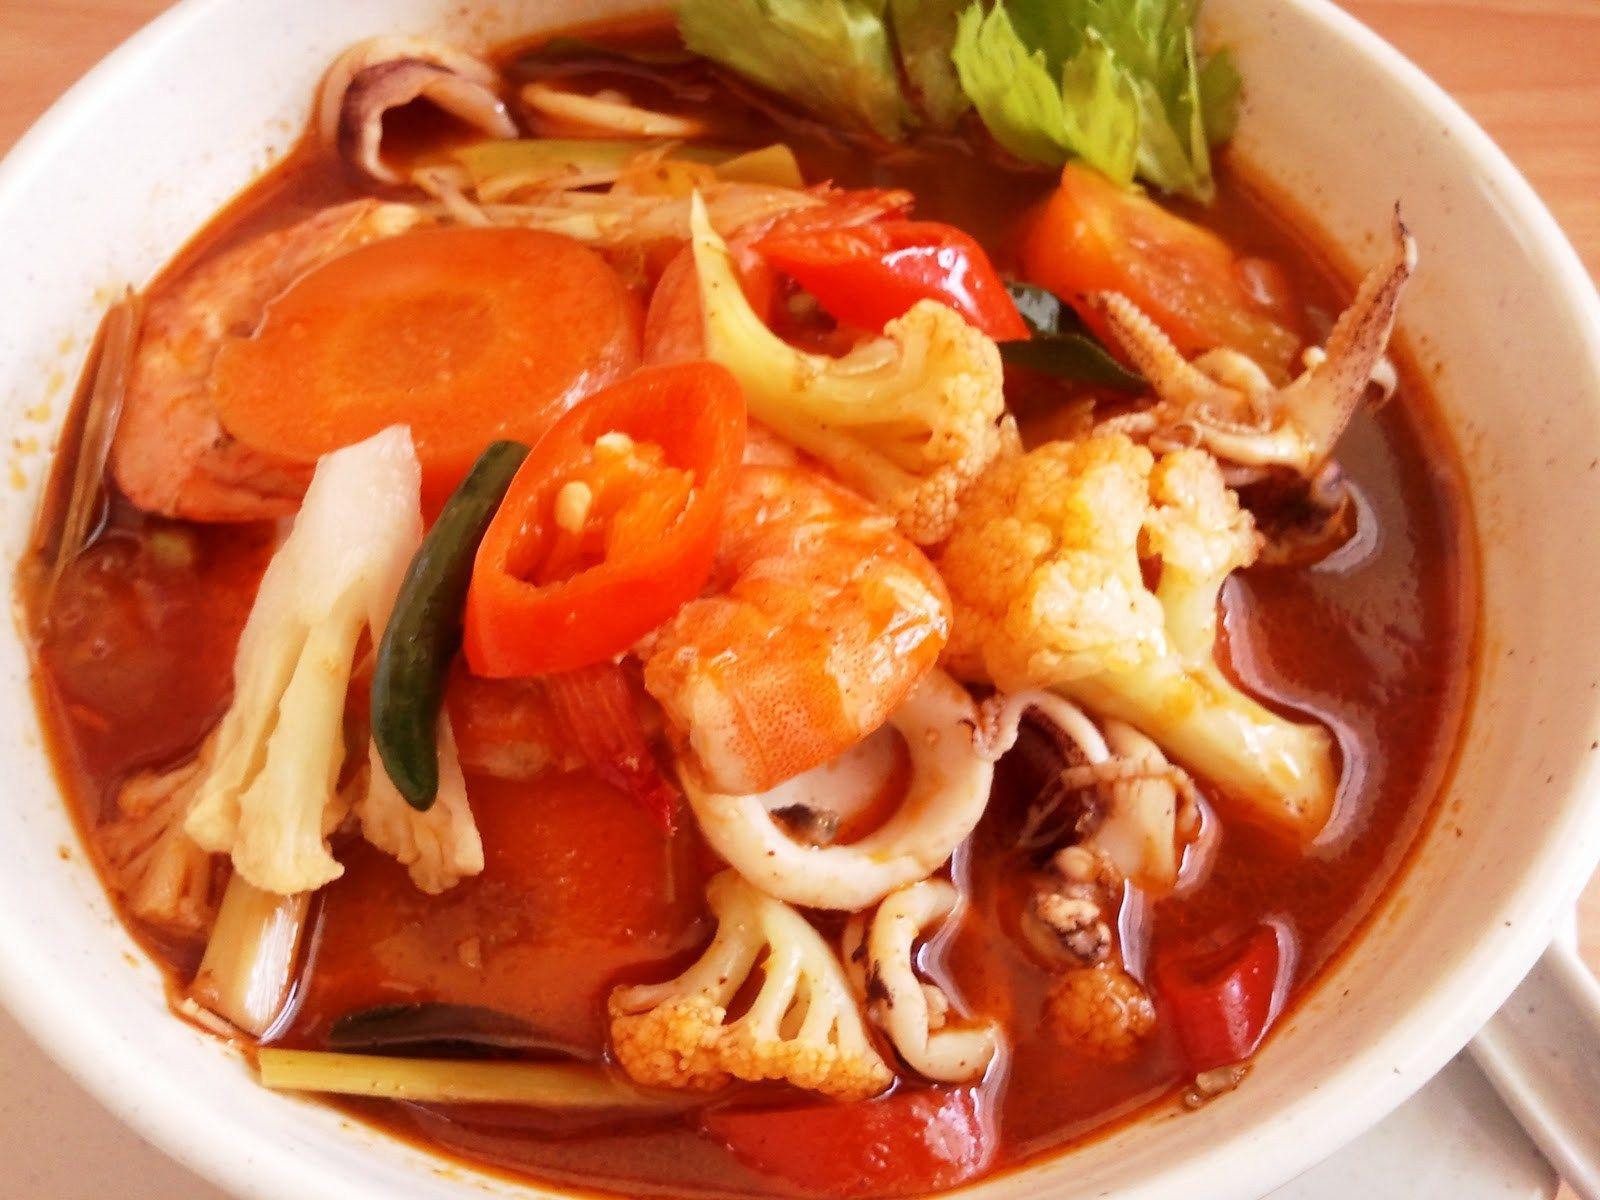 Resepi Tomyam Thai Pekat Bahan Bahan 1 Paket Perencah Tomyam 4 Biji Tomato 5 6 Biji Cili Padi Ikut Selera Resep Makanan Resep Masakan Resep Masakan Malaysia